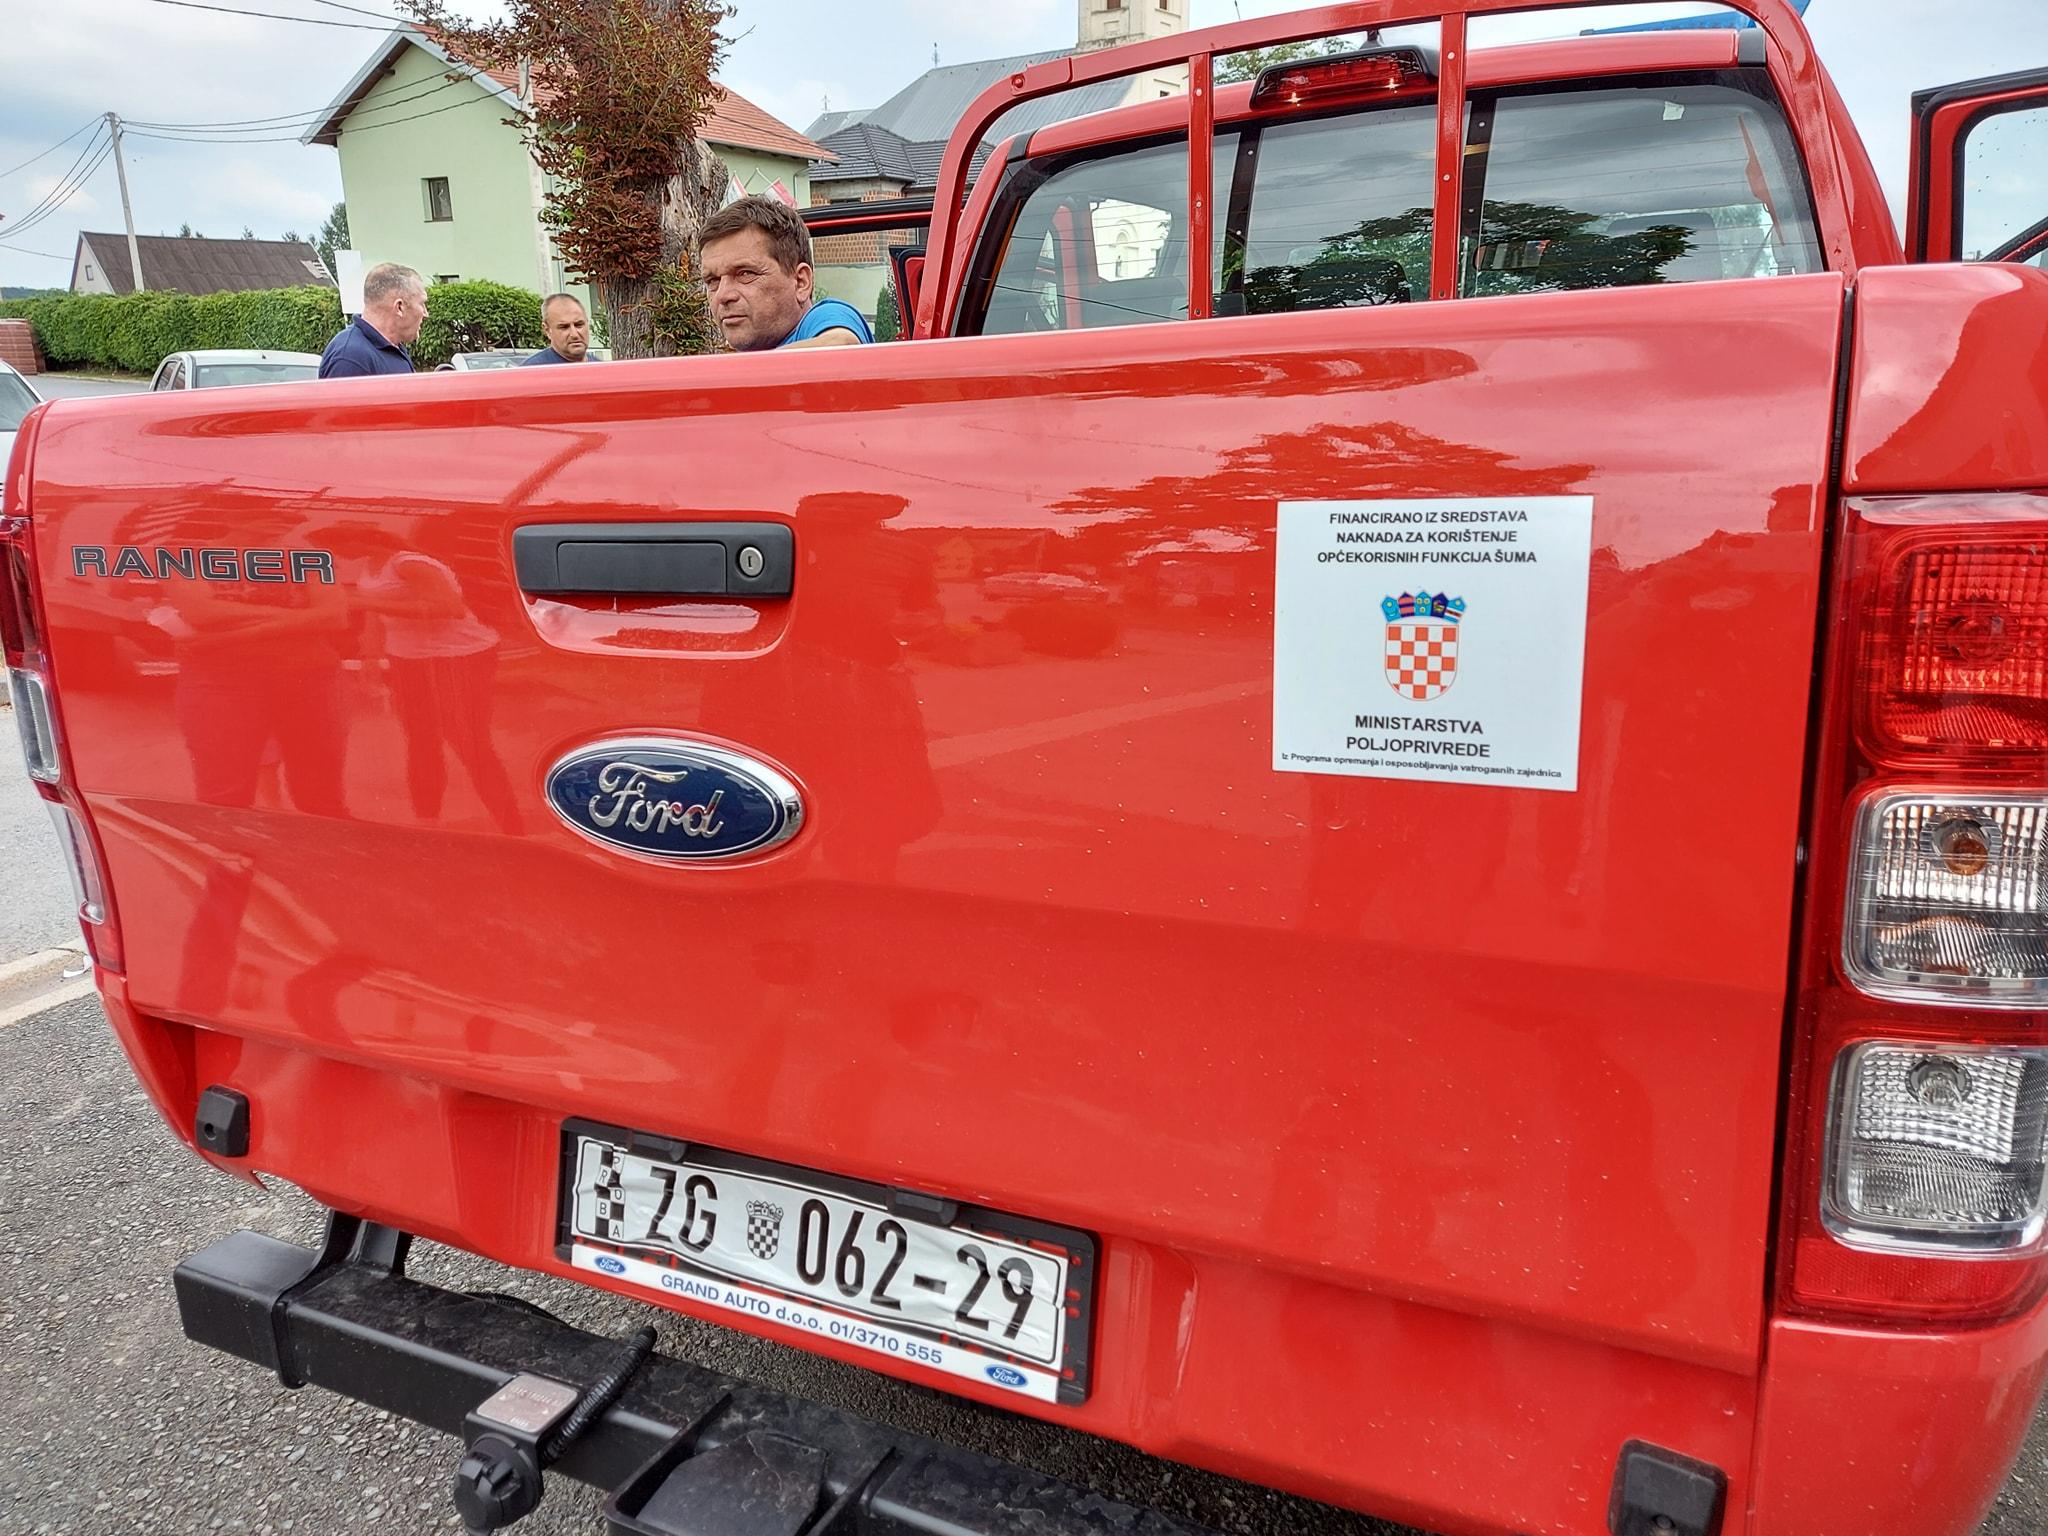 Vatrogasci dobili novo vozilo za intervencije